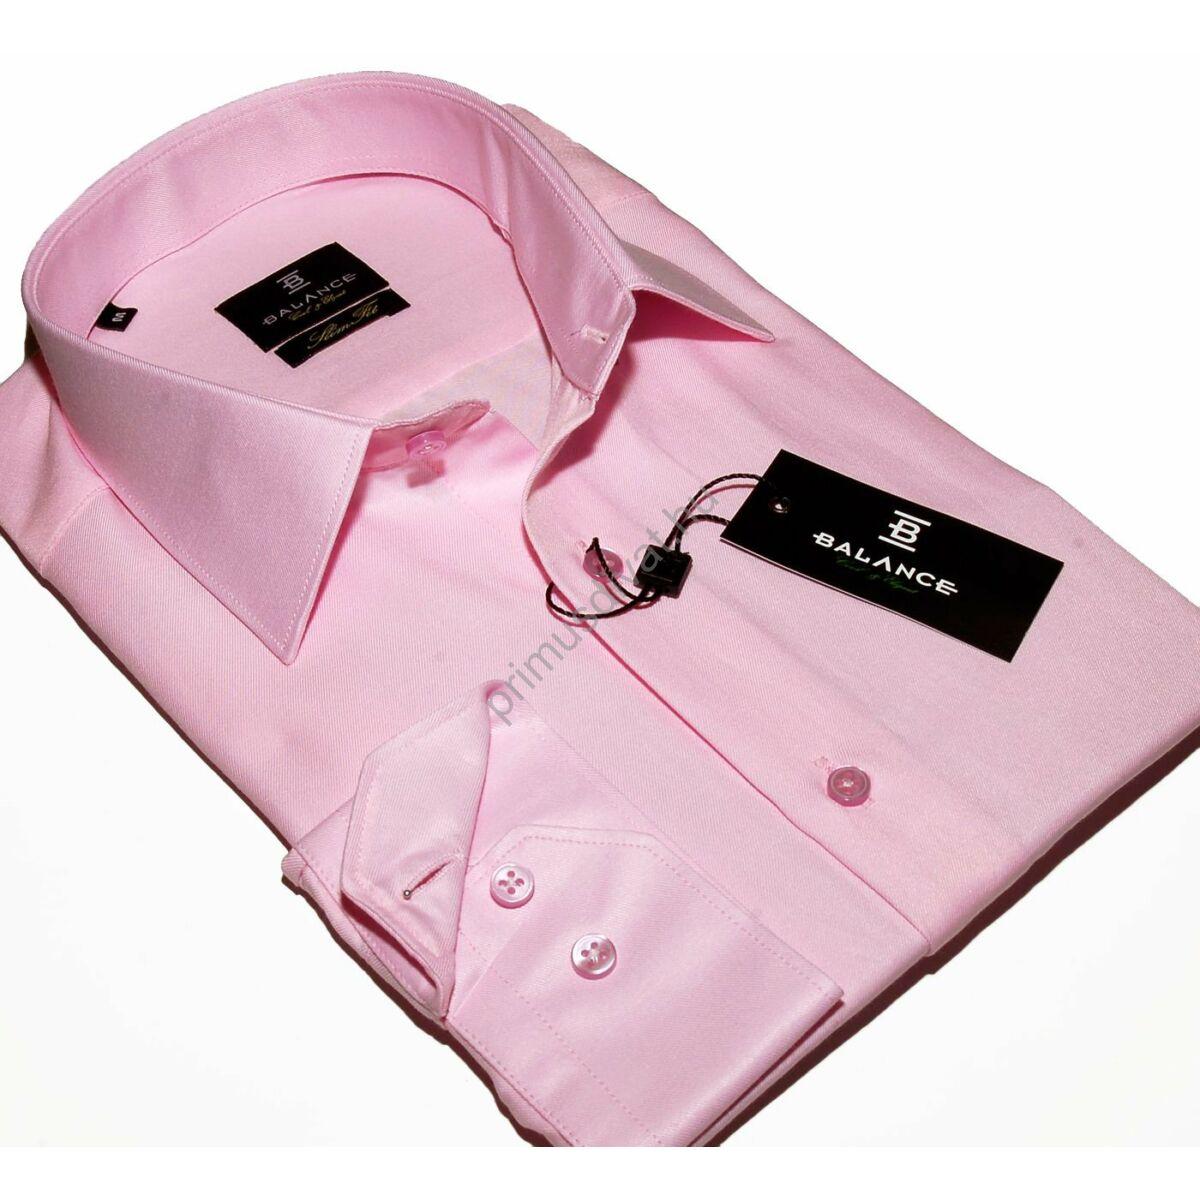 3cad66f088 Kép 1/4 - Balance normál galléros, egyszínű rózsaszín pamutszatén, slim-fit  hosszú ujjú ing